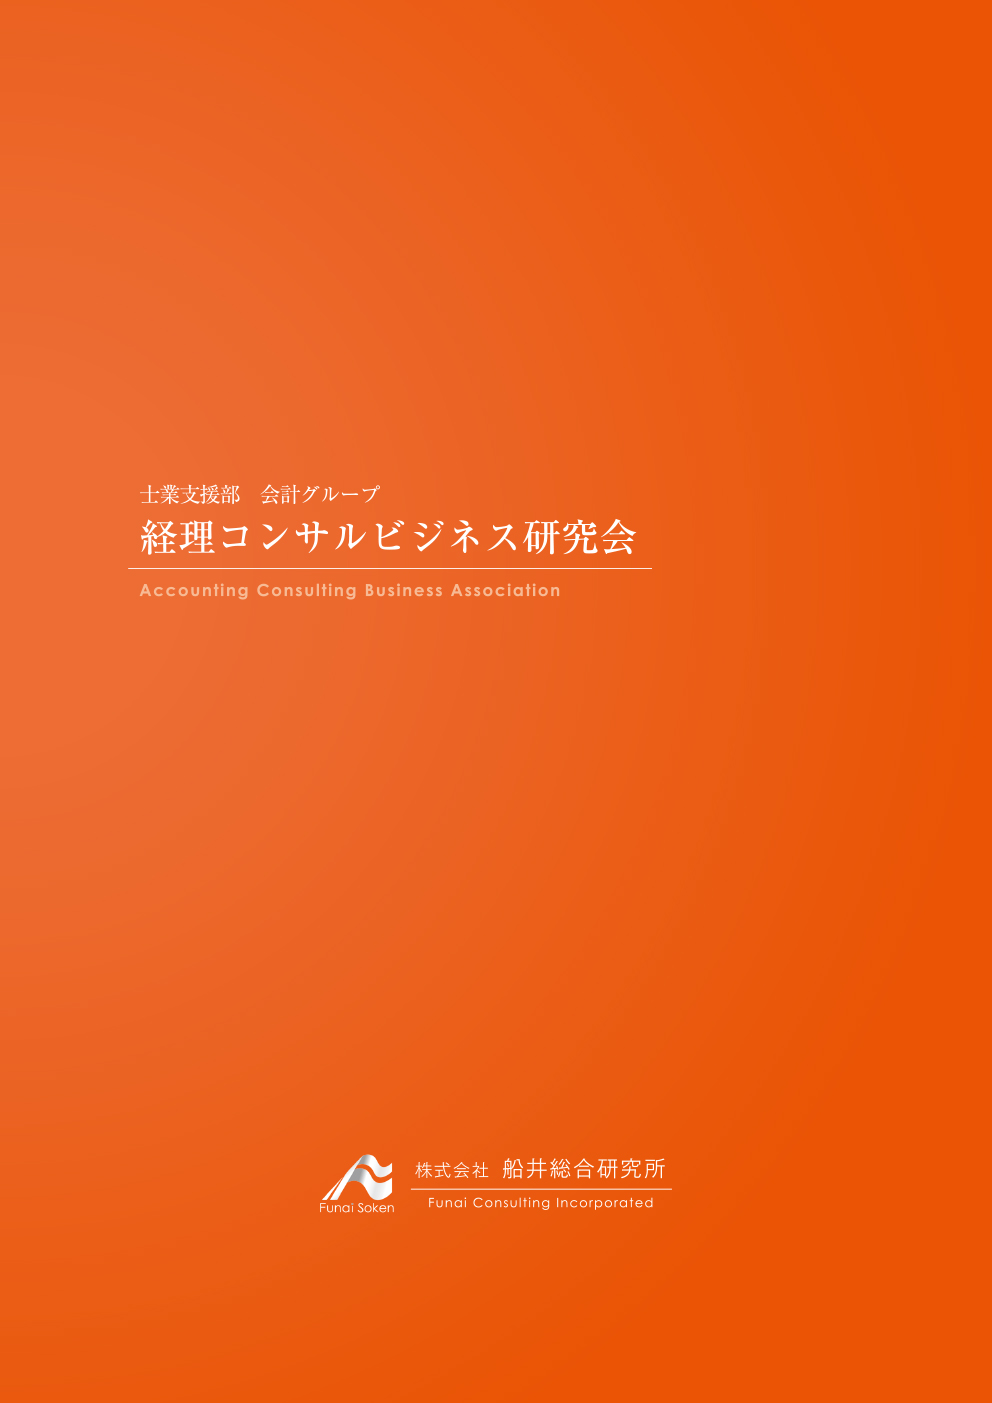 経理コンサルビジネス研究会